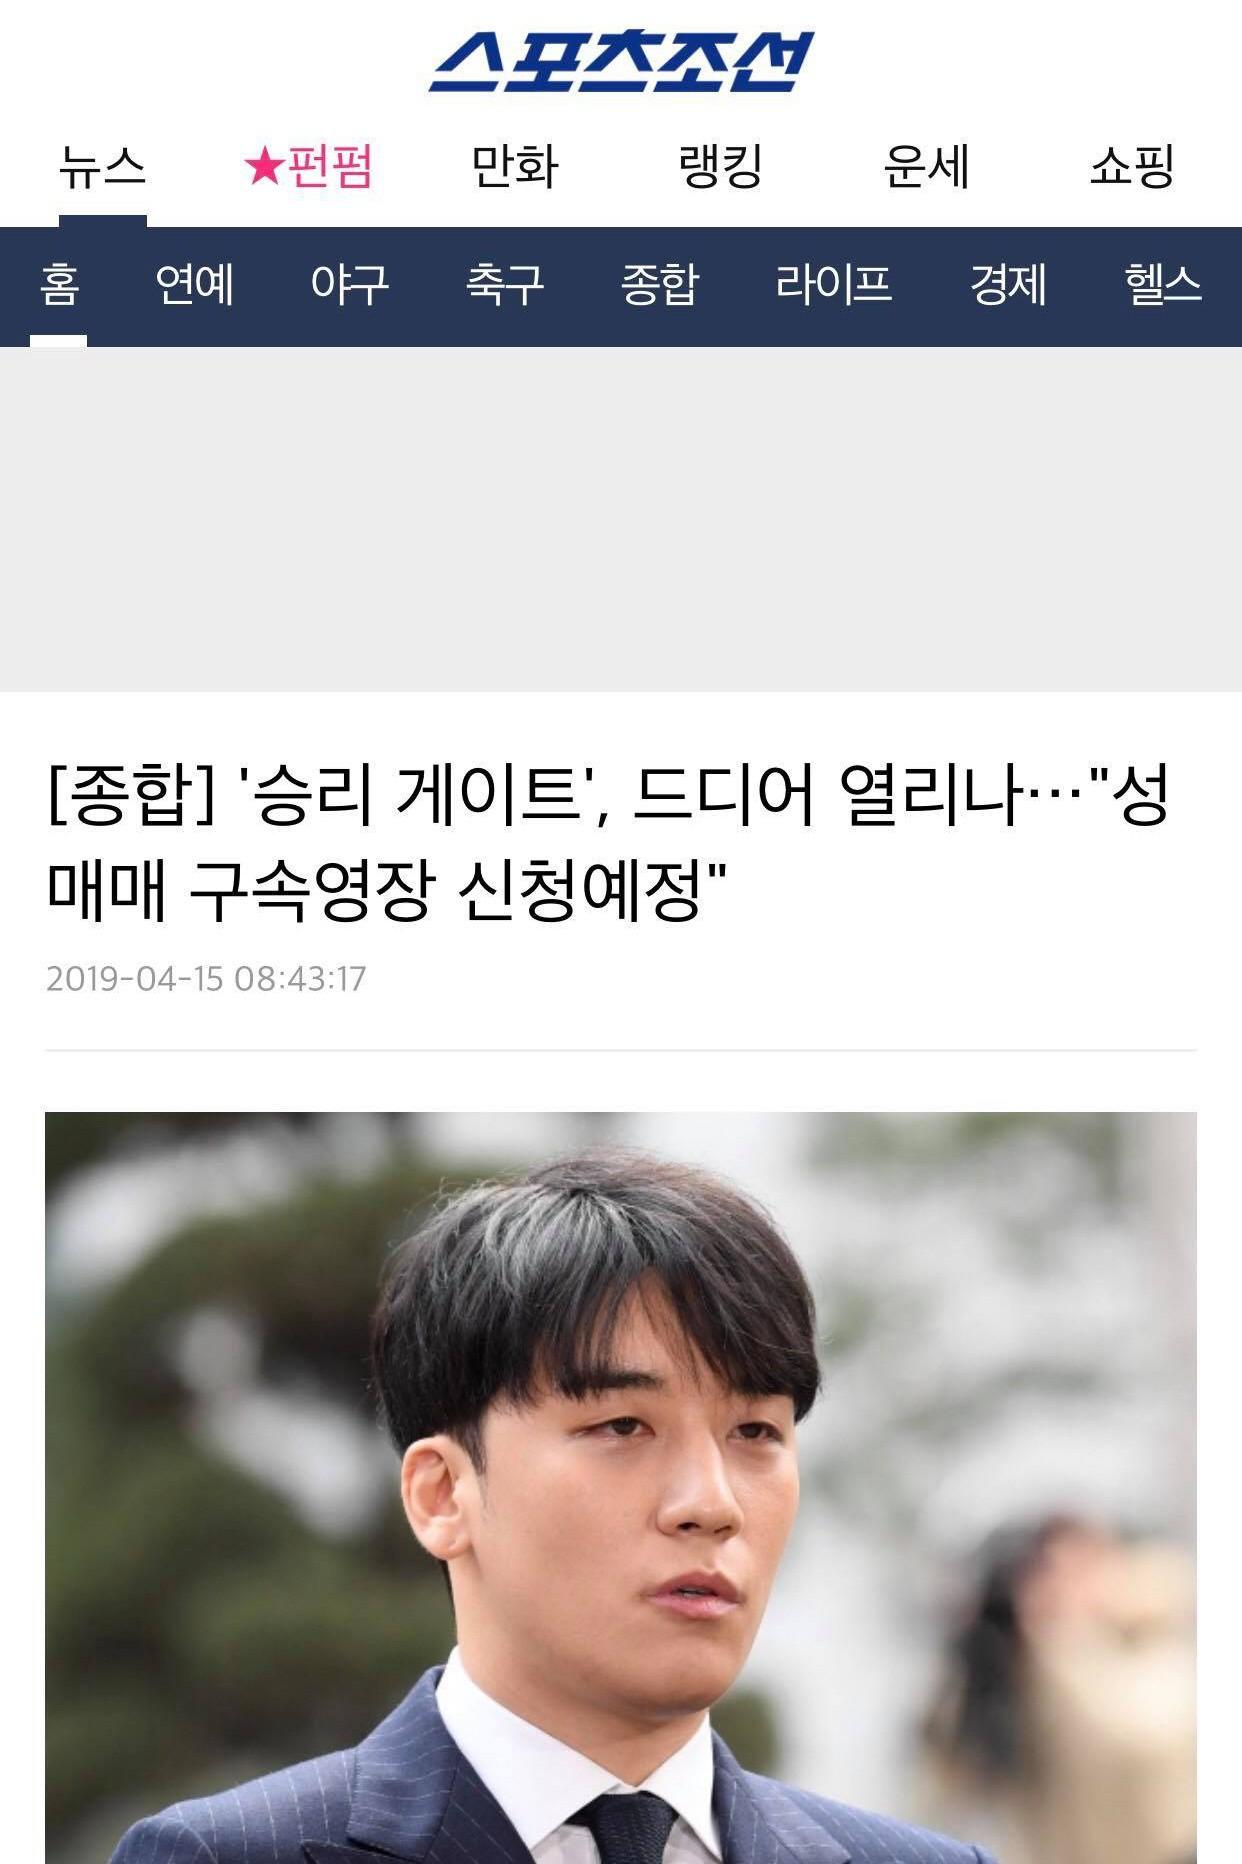 Cảnh sát cuối cùng cũng xin lệnh bắt giữ Seungri, phát hiện vai trò đặc biệt của anh trong chatroom tình dục - Ảnh 3.